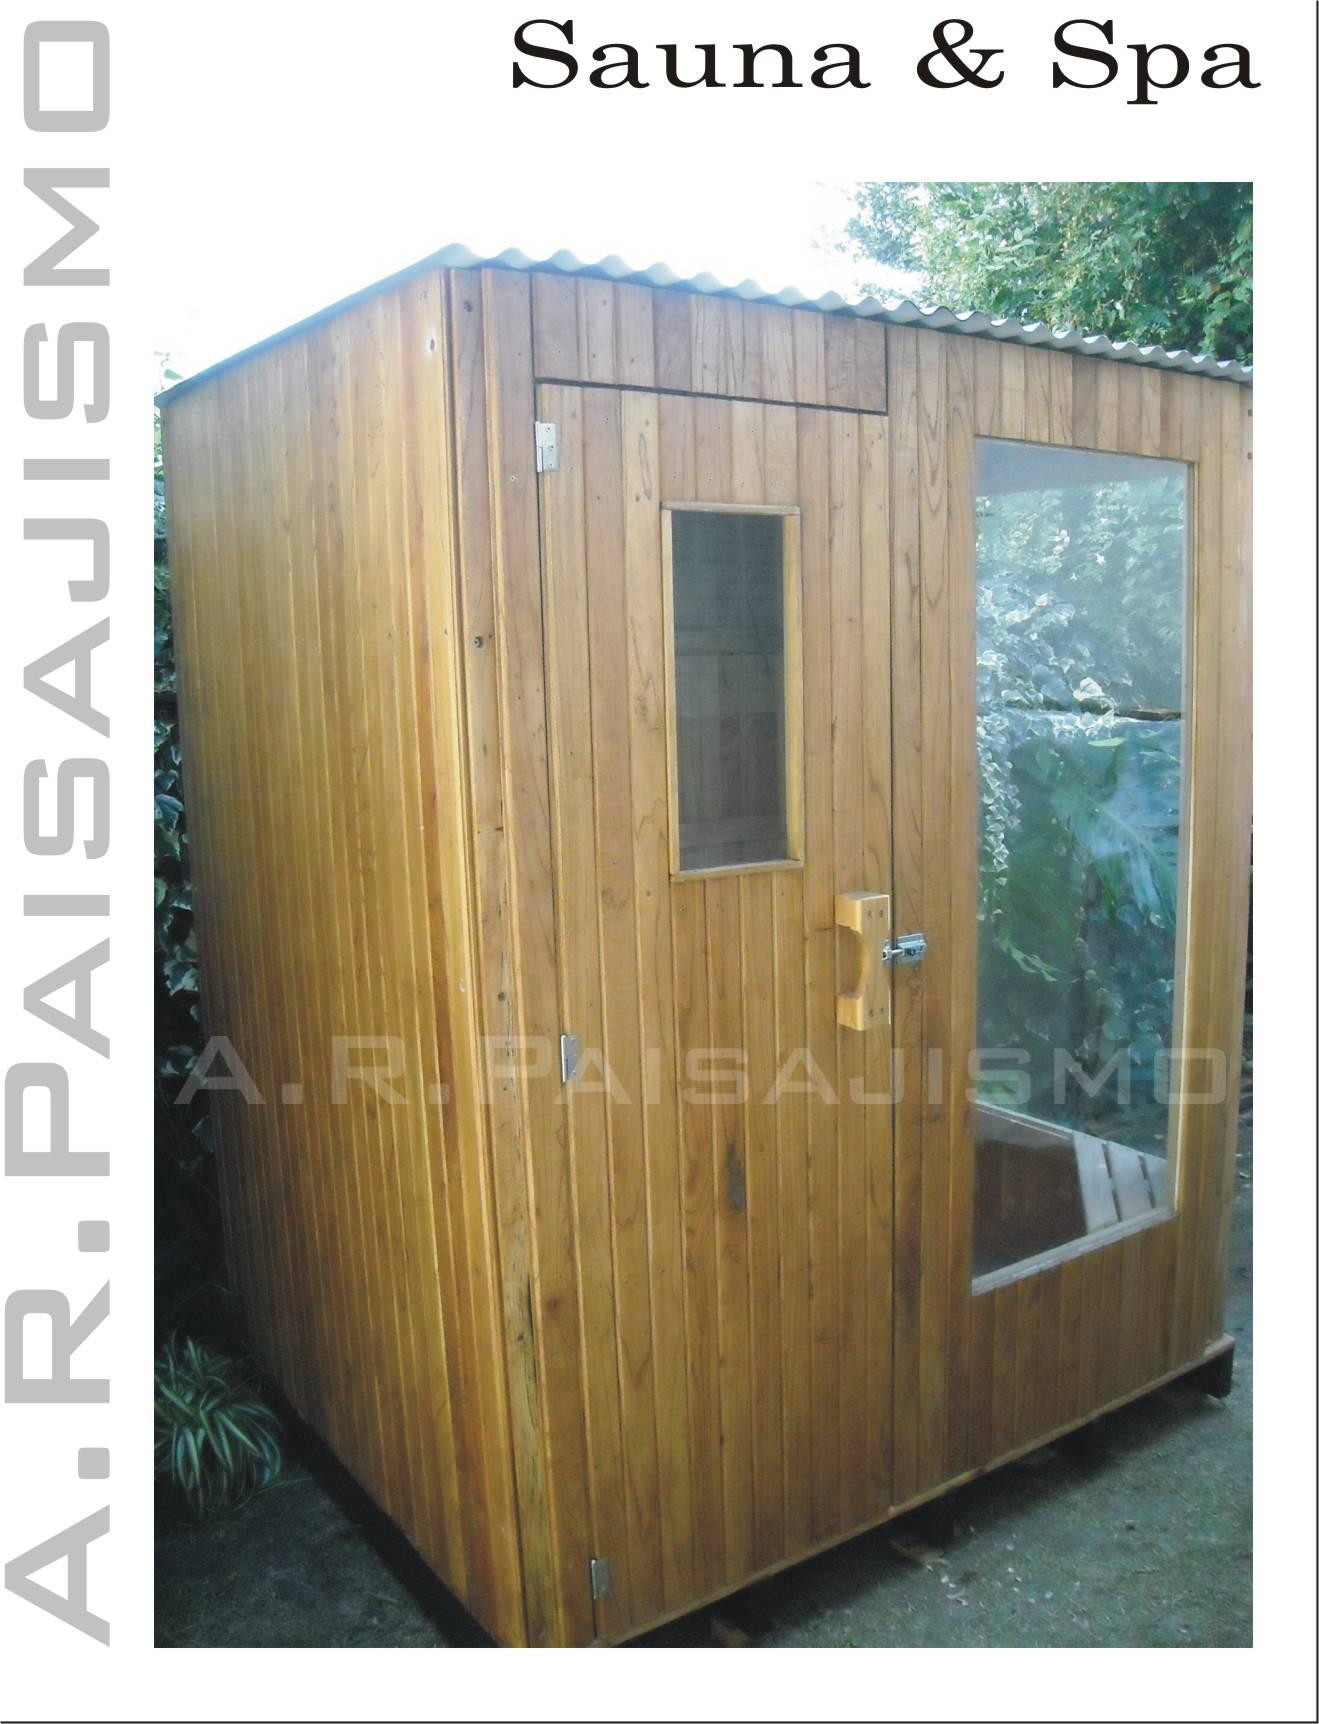 Sauna de madera azedarech paraiso spa a le a o electrico - Madera para sauna ...